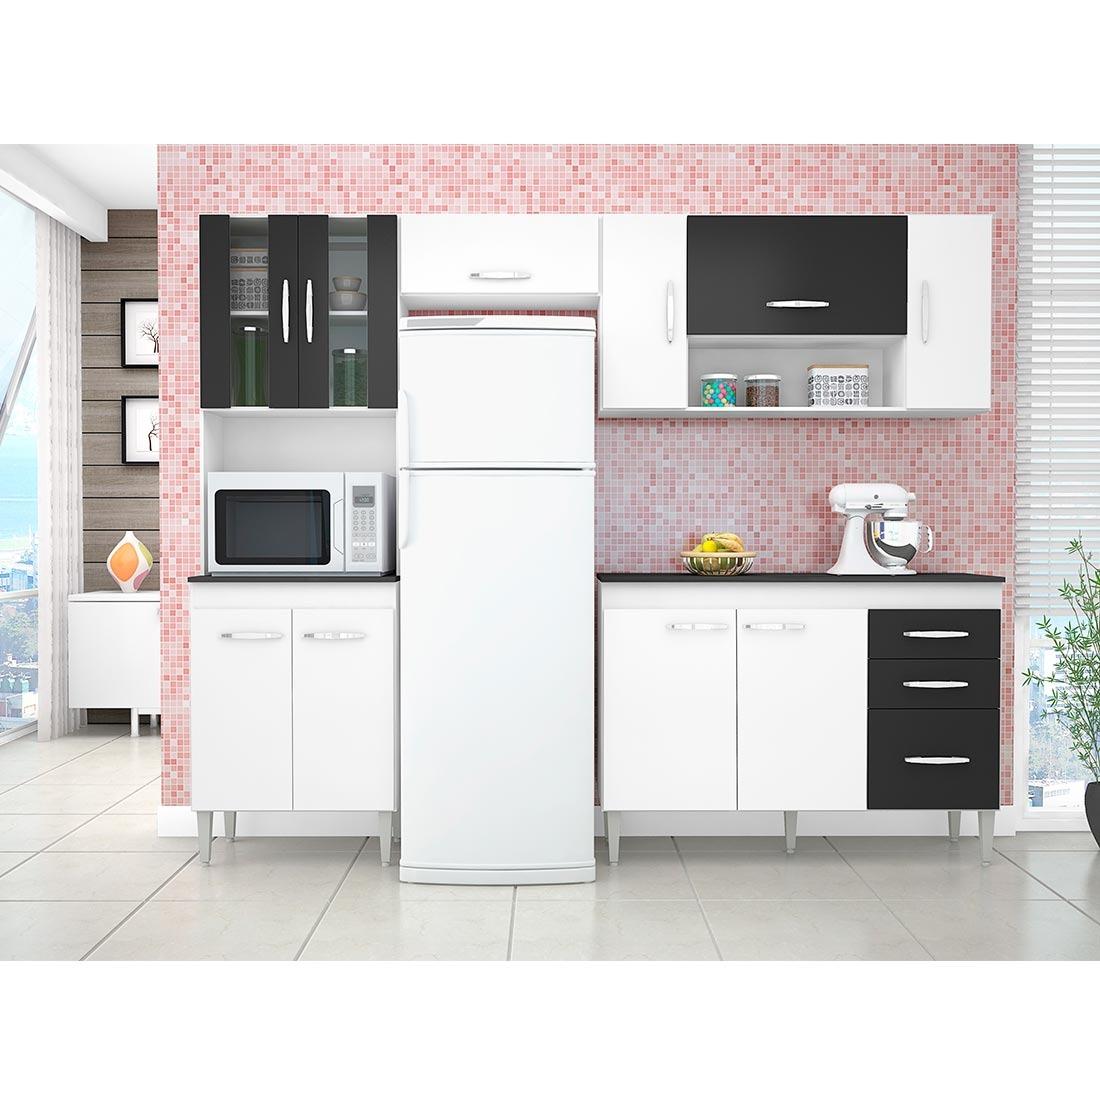 Cozinha Poquema Manuela 8 Portas Branco E Preto R 461 89 Em